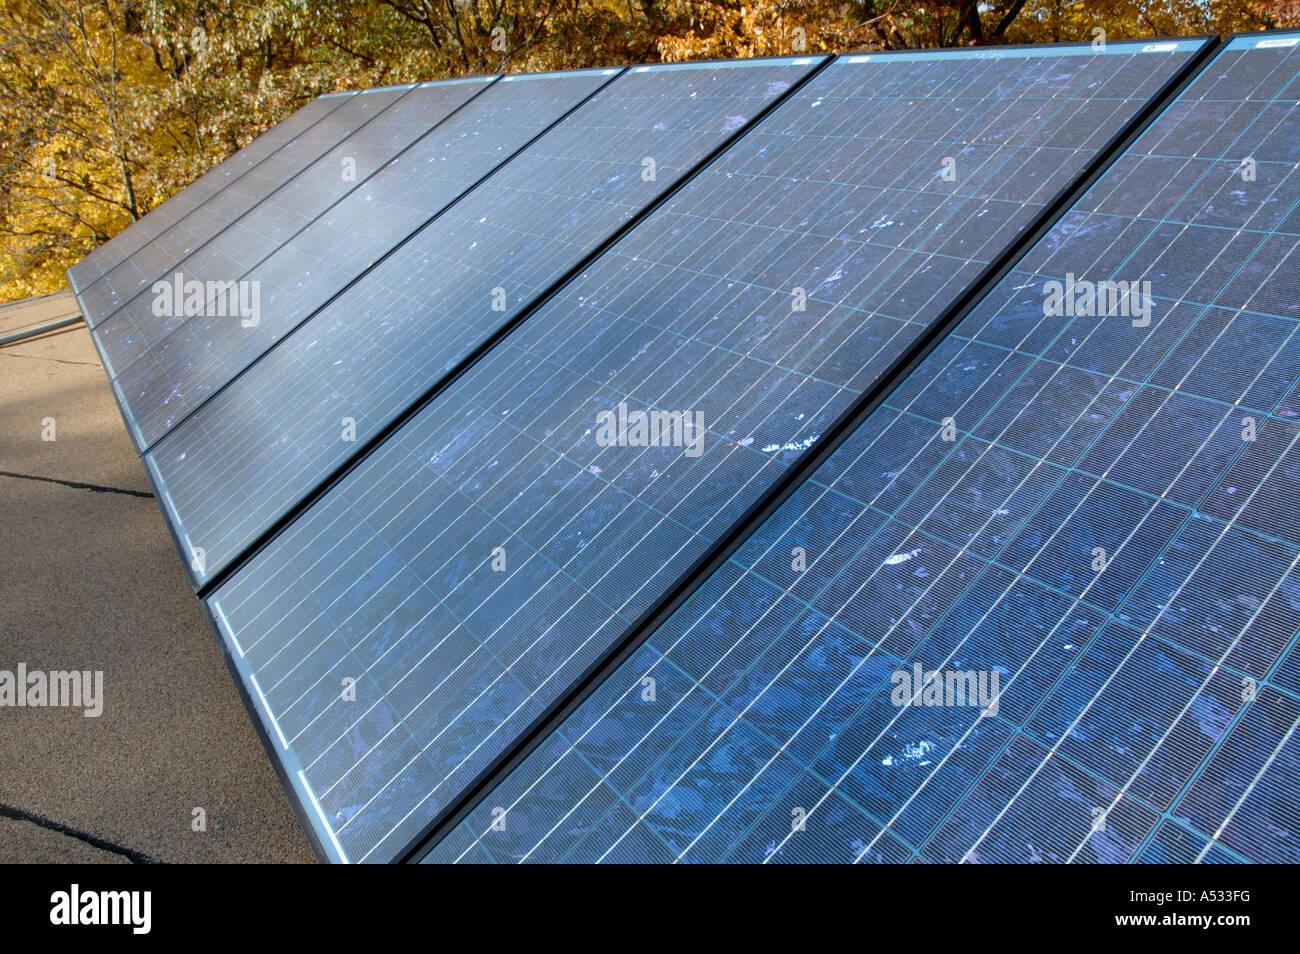 Gamme de panneaux solaires photovoltaïques sur le toit d'une maison Photo Stock